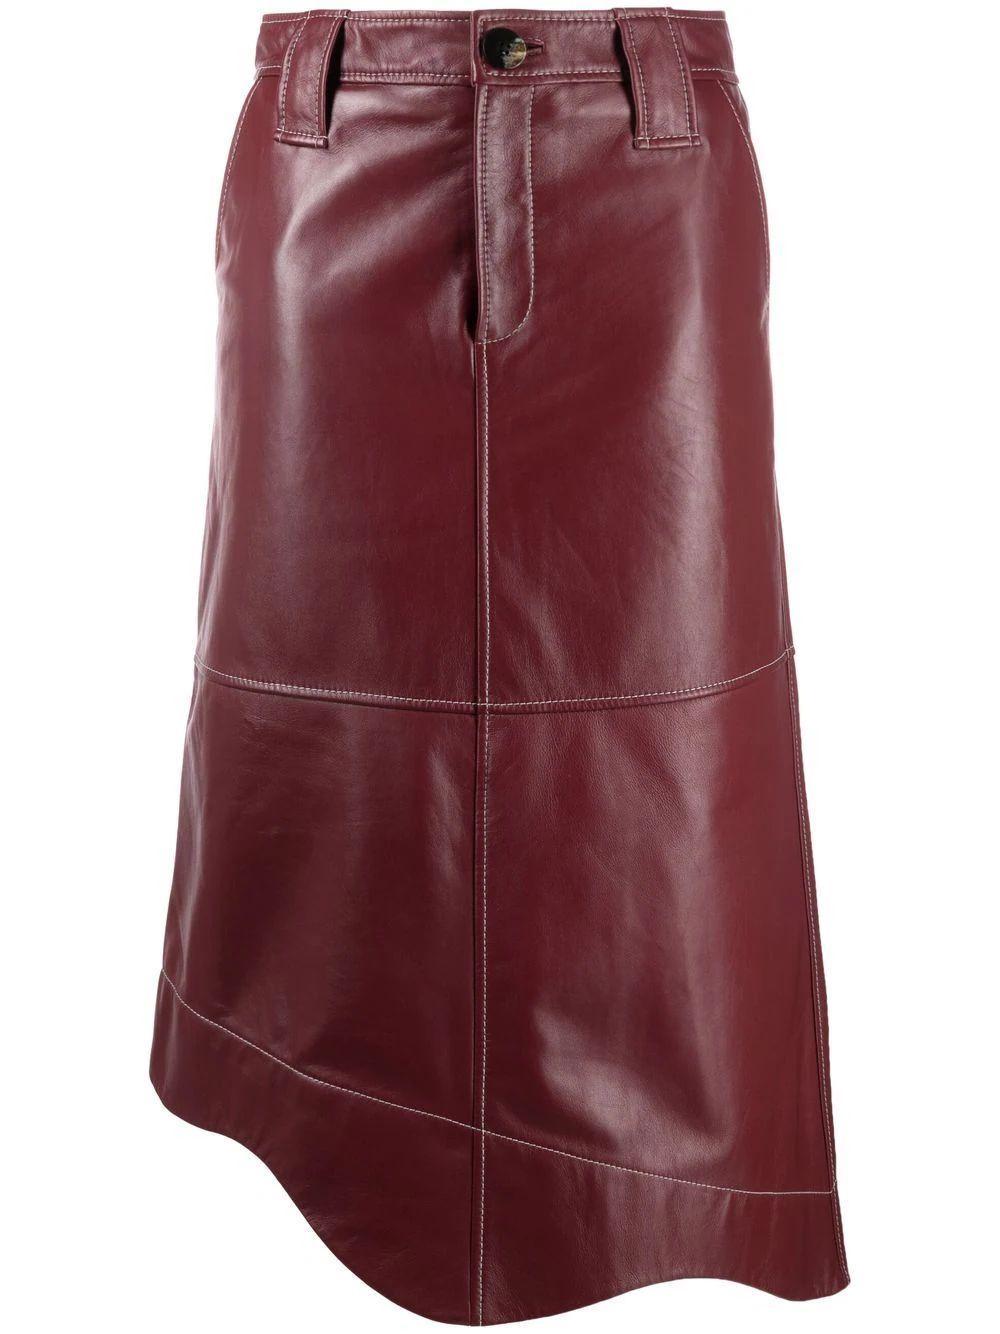 Scalloped Asymmetrical Hem Leather Skirt Item # F6326